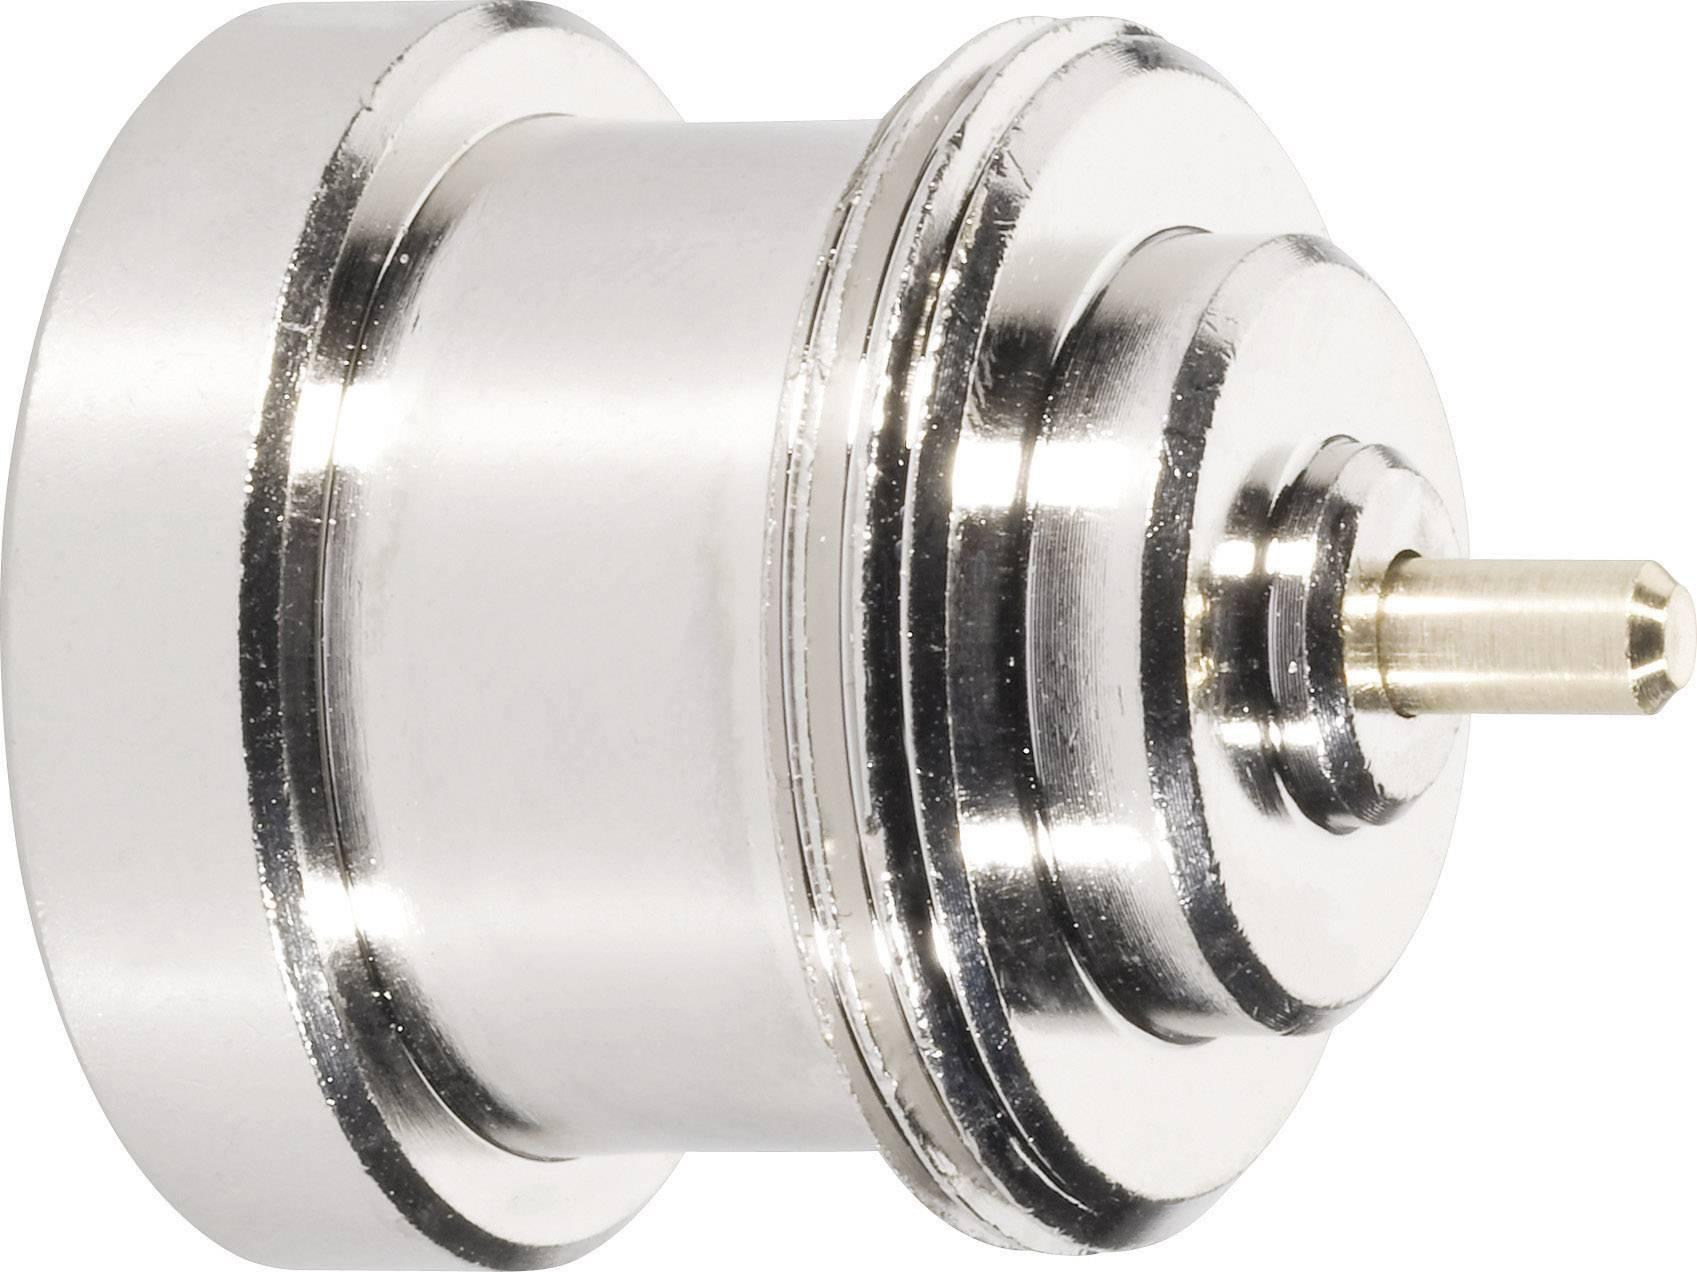 Mosadzný adaptér termostatu 700 100 007 vhodný pre Comap, M28 x 1.5